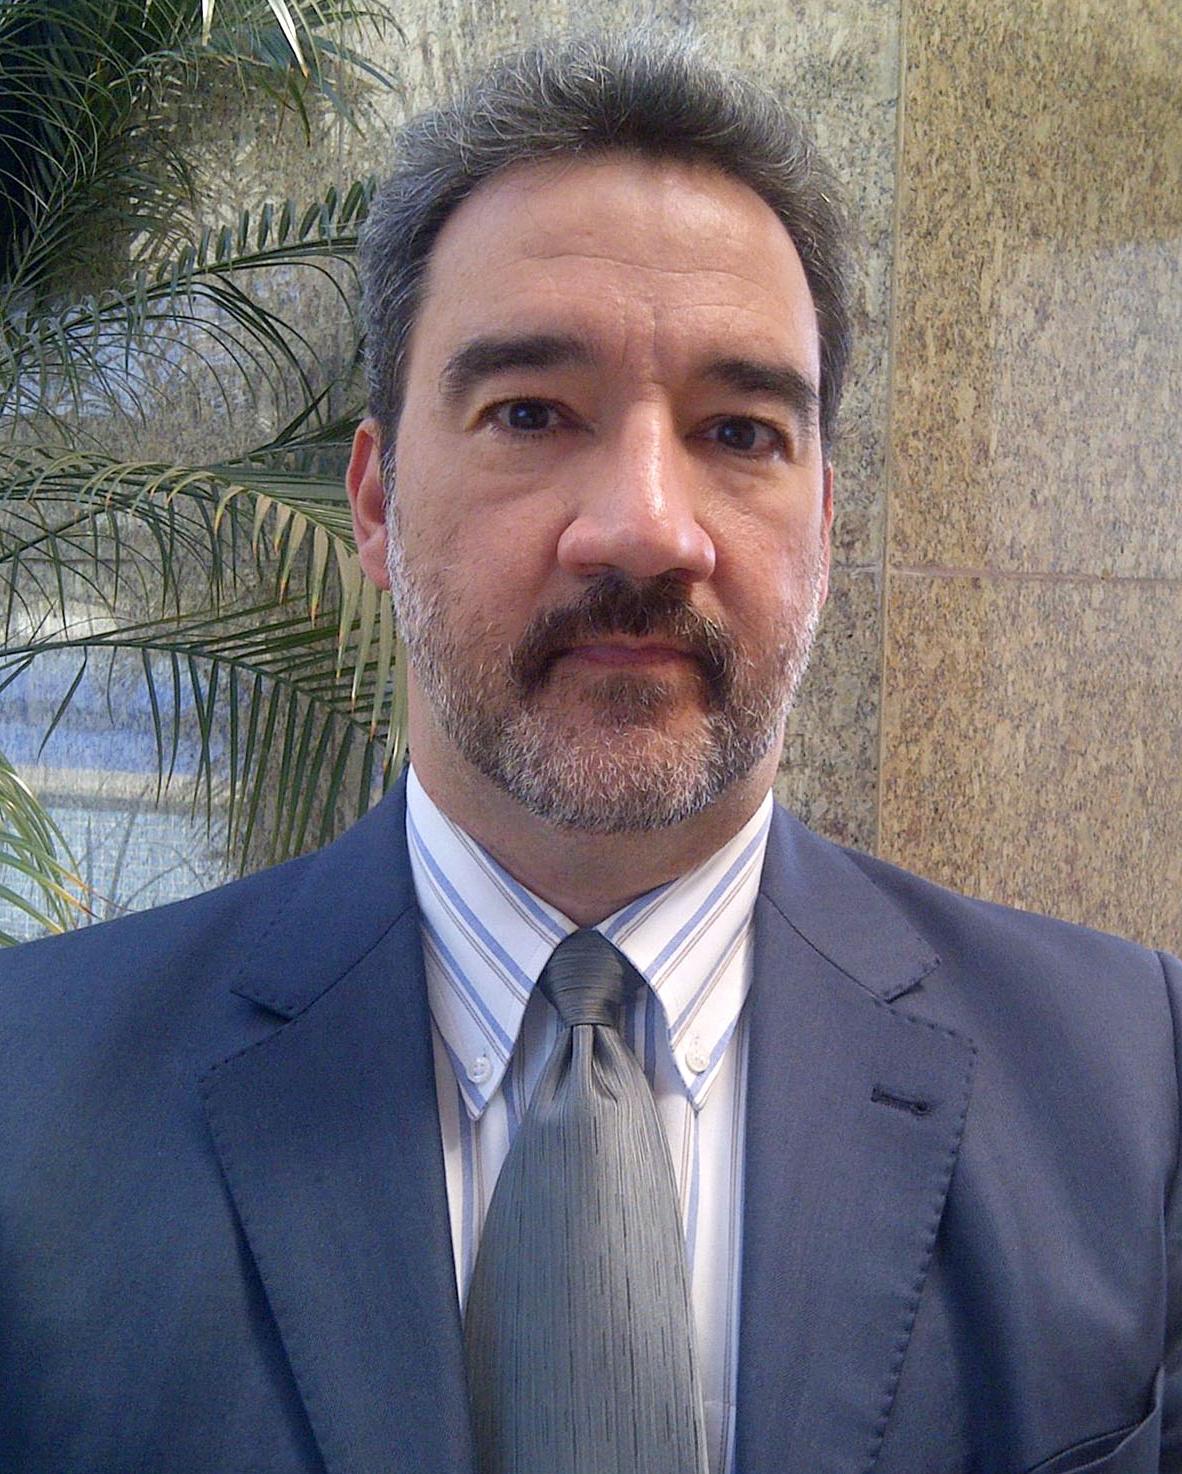 Annibal Affonso Neto